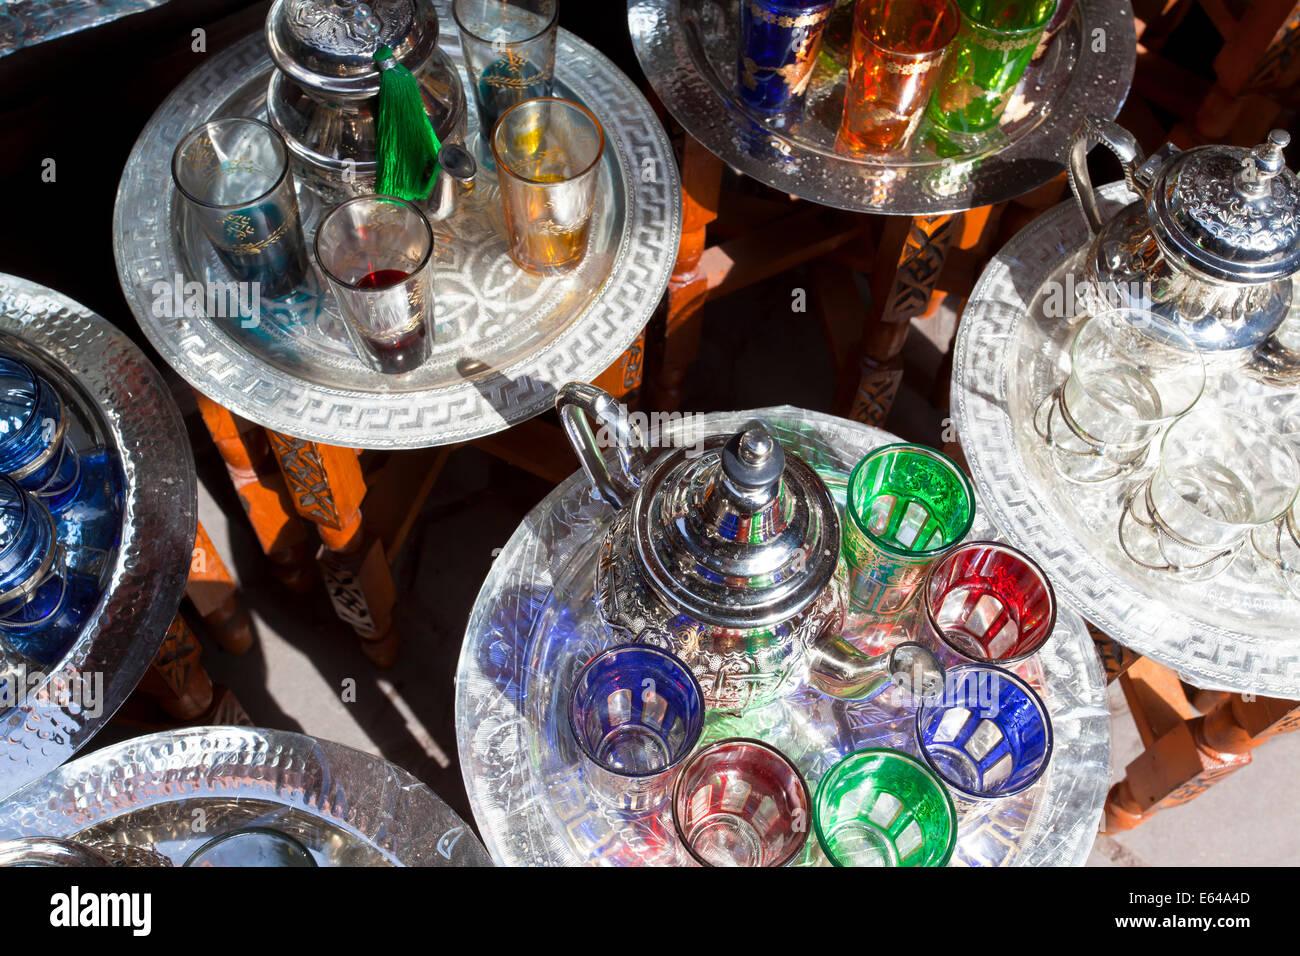 Pentole di tè alla menta & vetri, il Souk, Marrakech, Marocco Immagini Stock